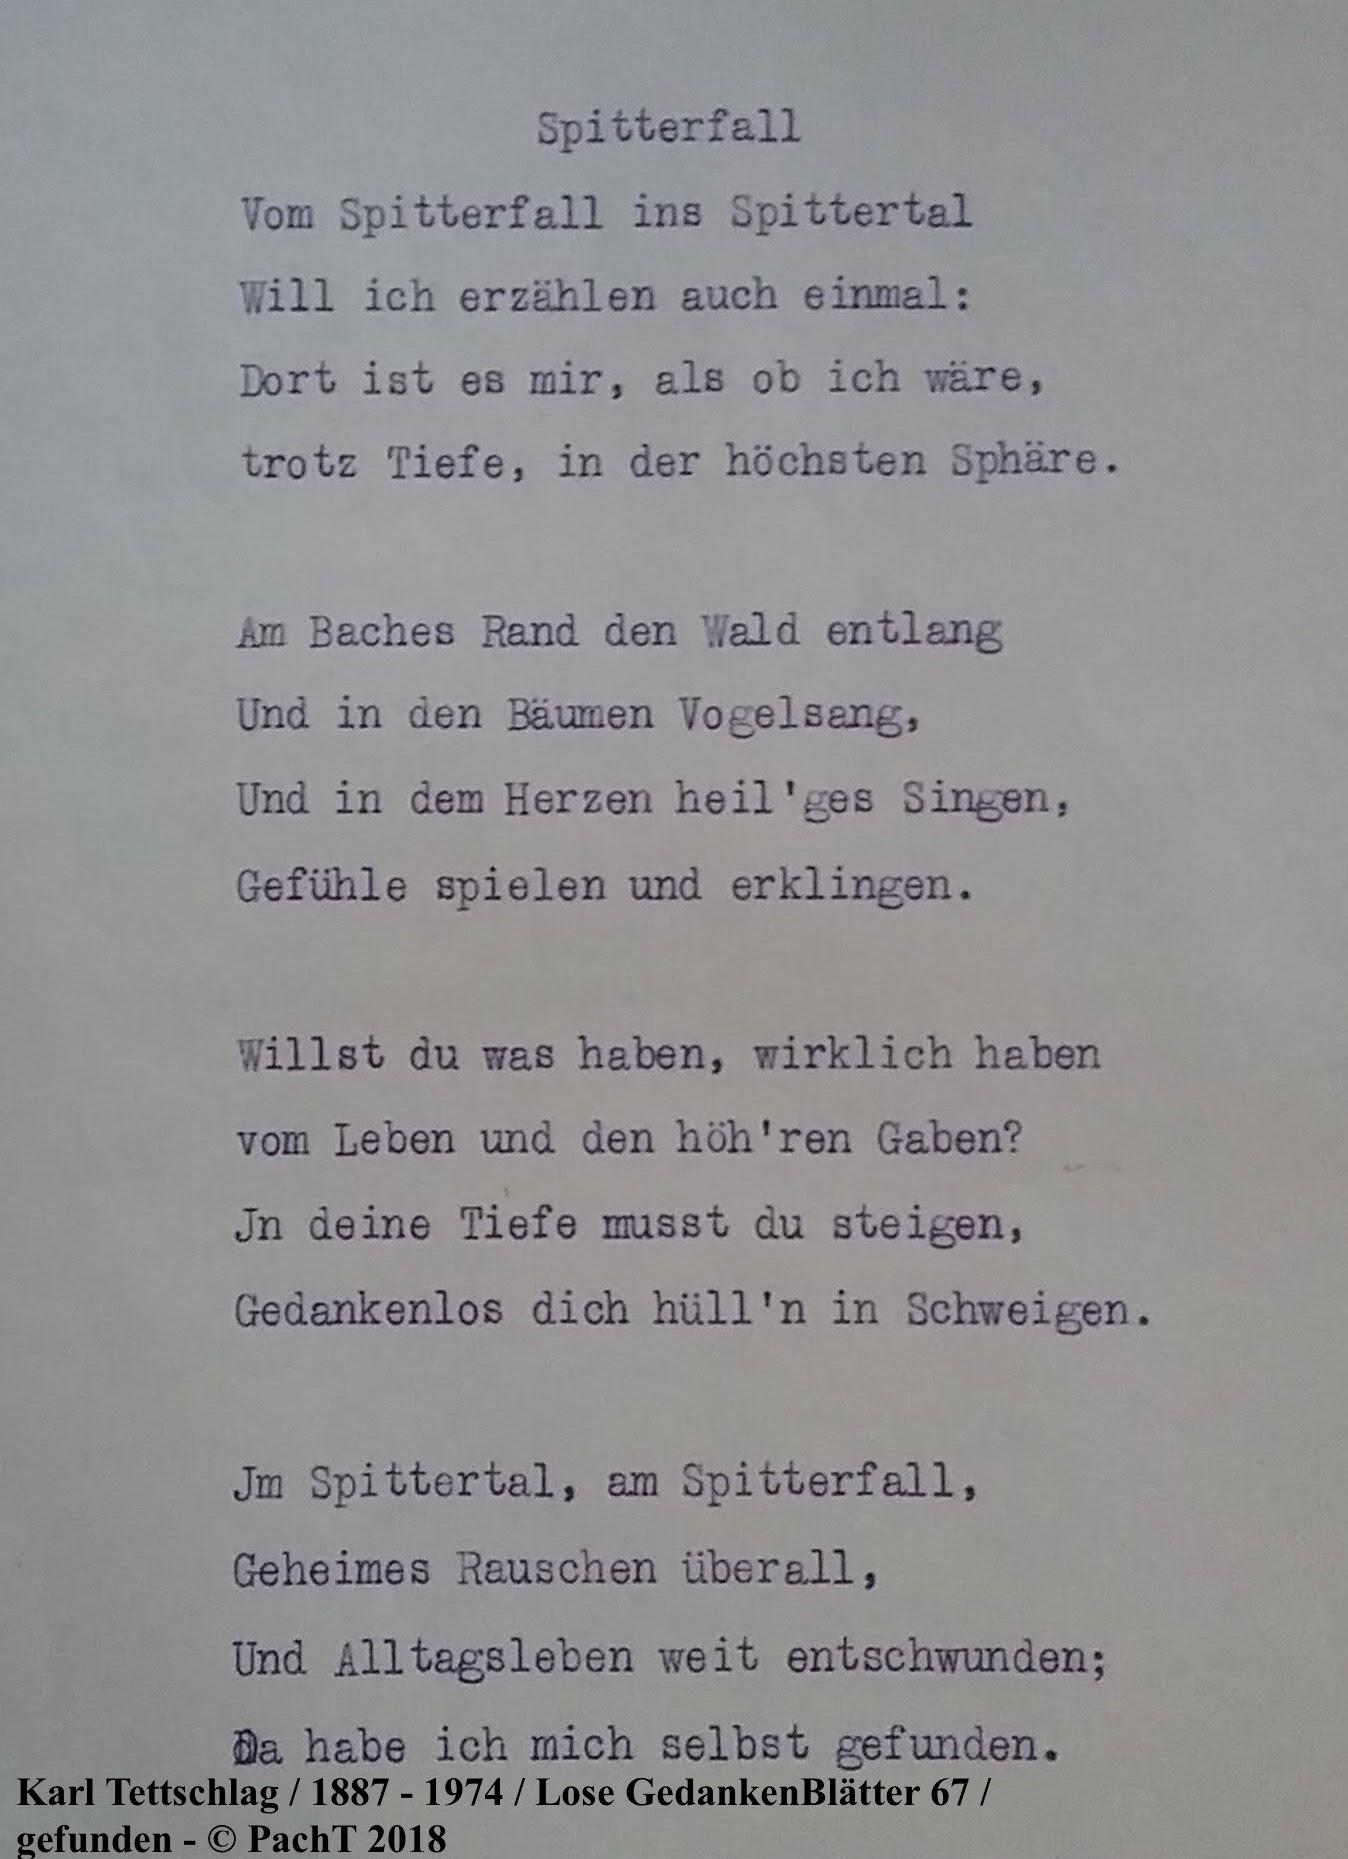 1887 - 1974 Erinnerungen an meinen Opa _ Lose GedankenBlätter 67